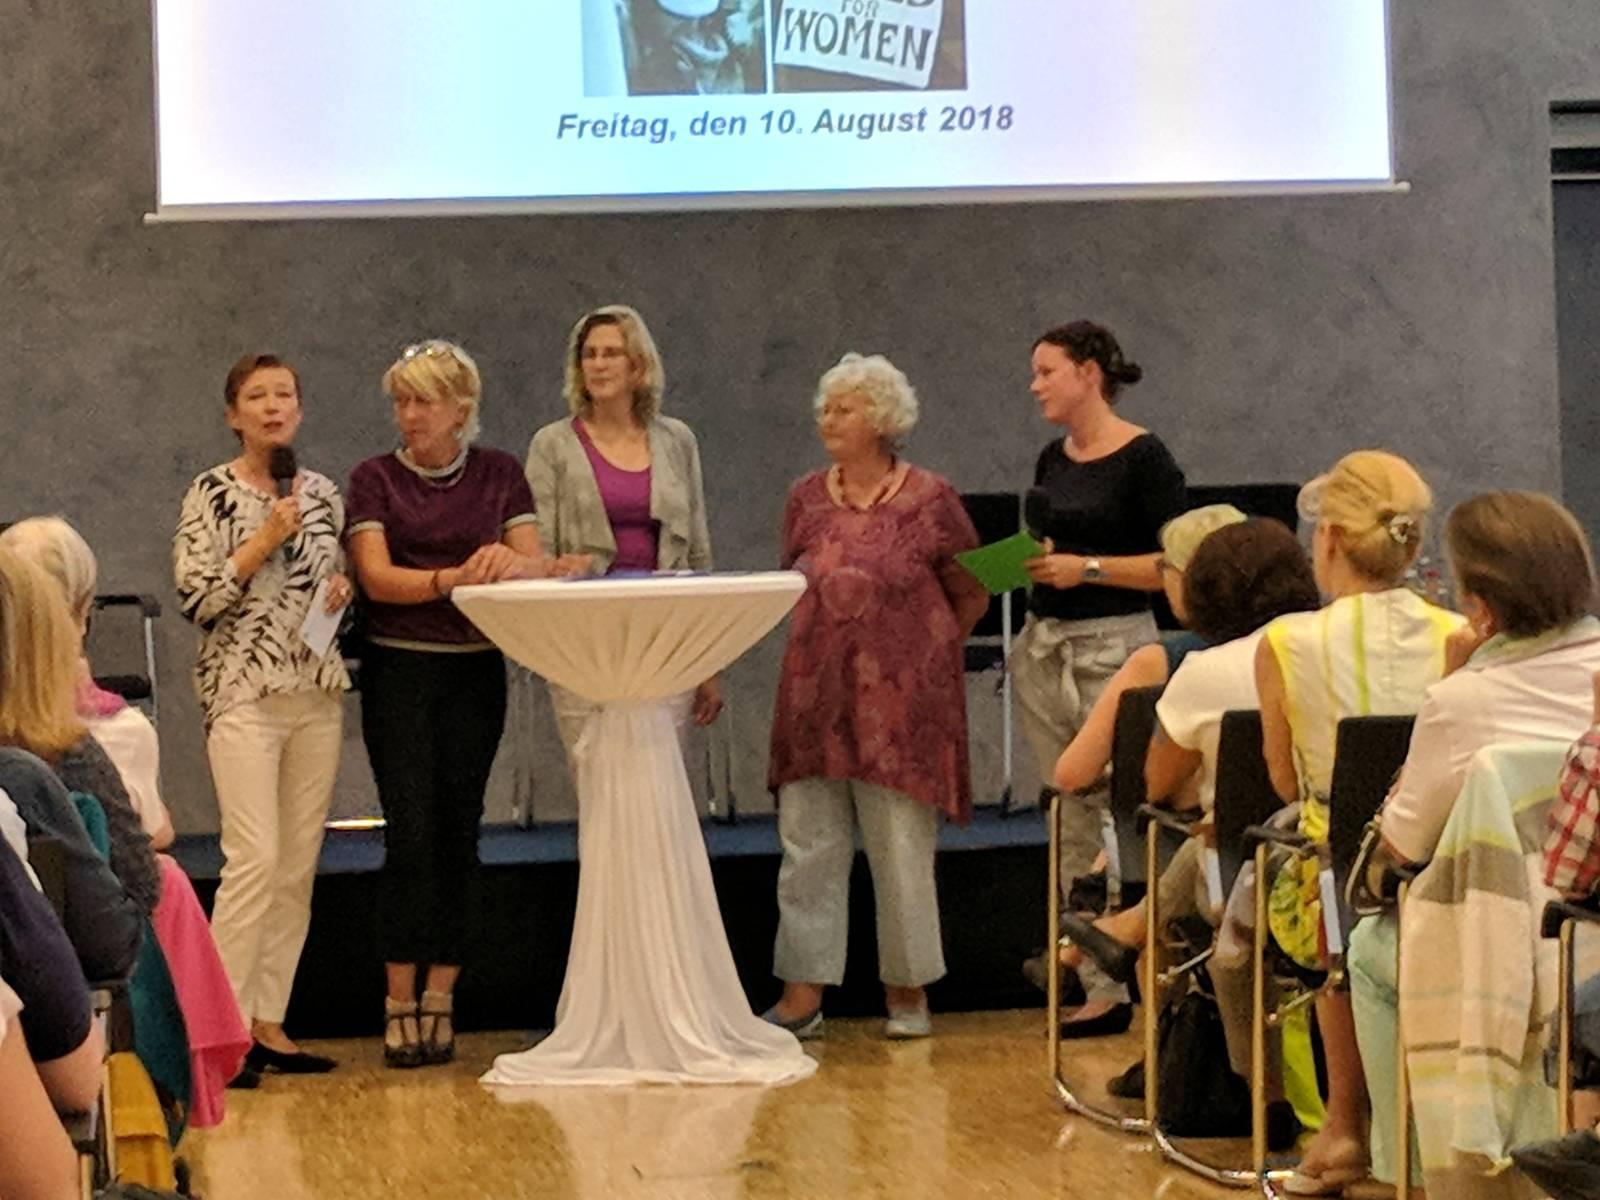 Fünf Frauen auf dem Podium